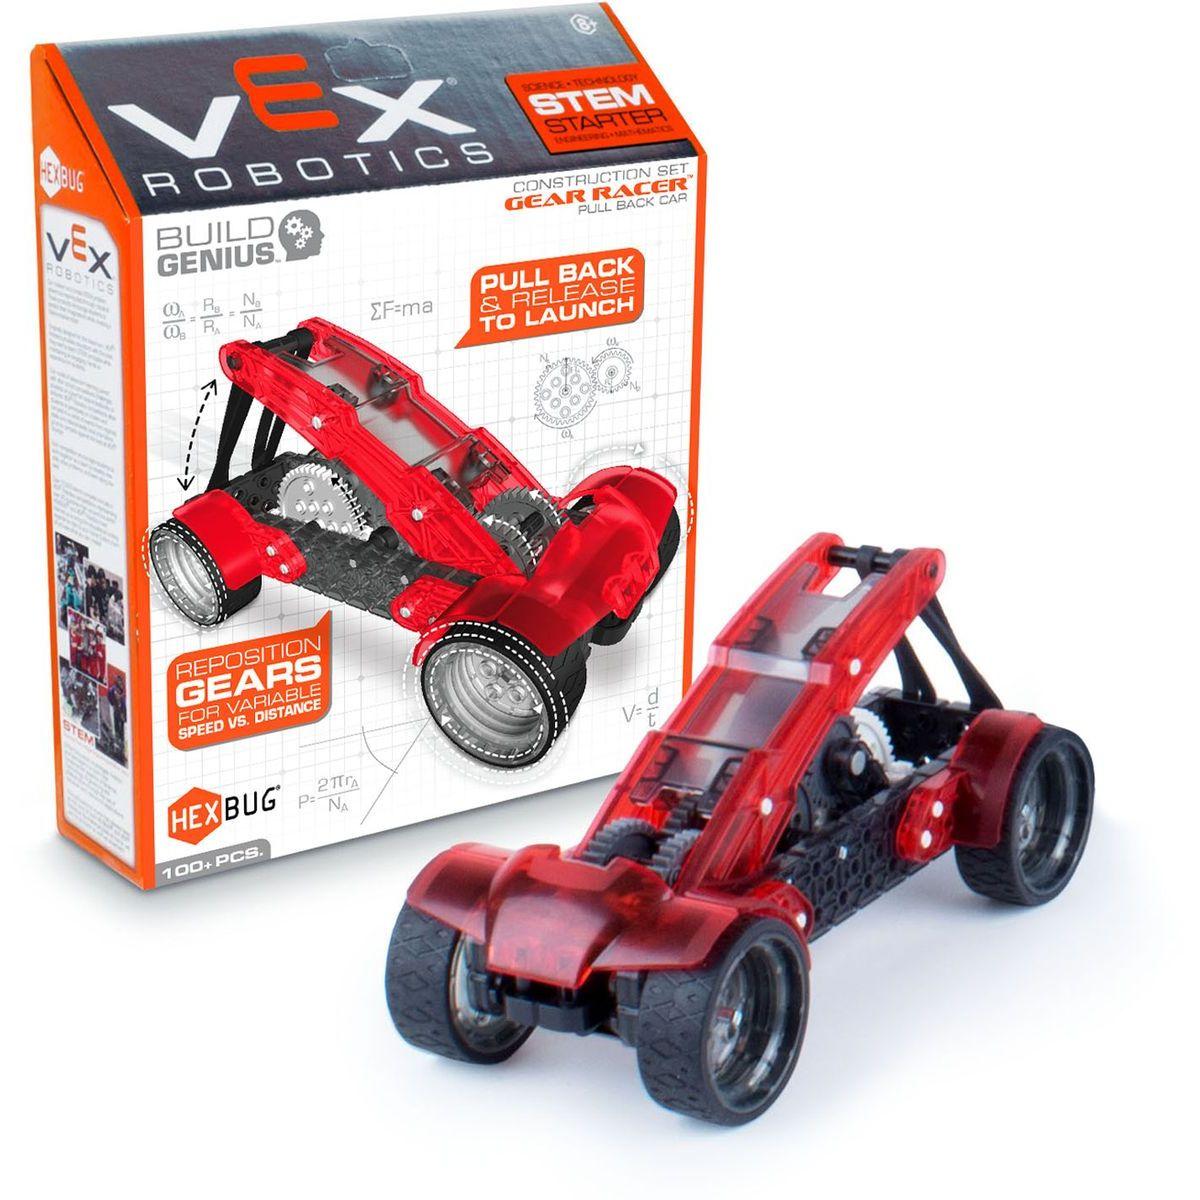 Hexbug Vex Robotics Gear Racer